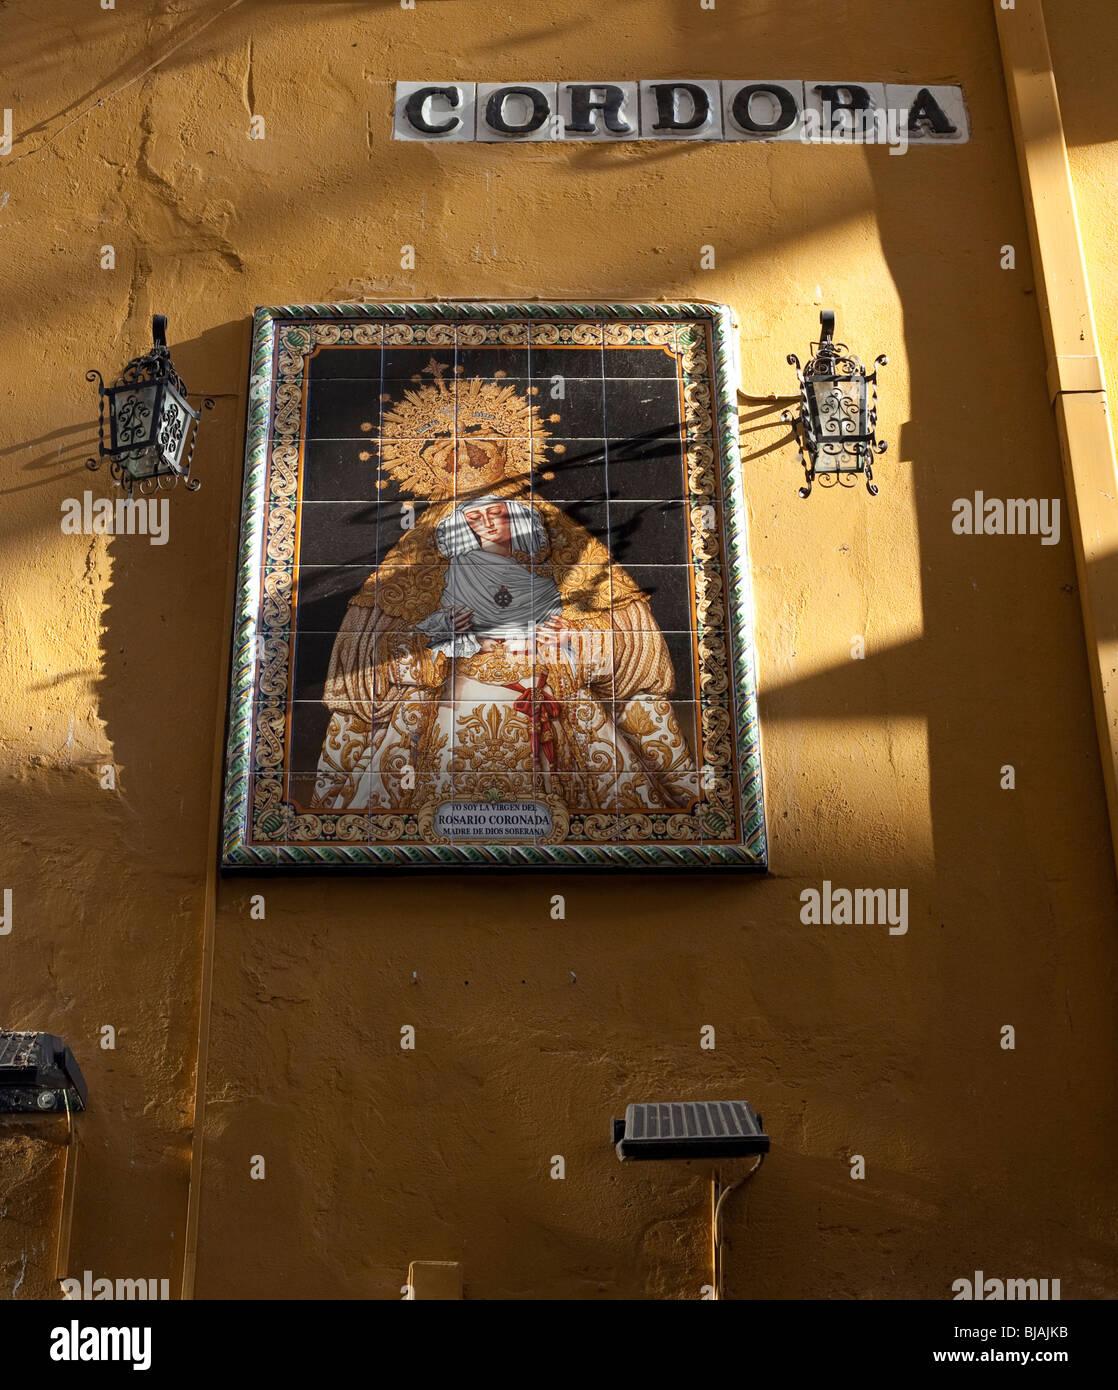 Streetsign compitazione cordoba e piastrelle di immagine icona religiosa sulla parete gialla in Spagna Foto Stock